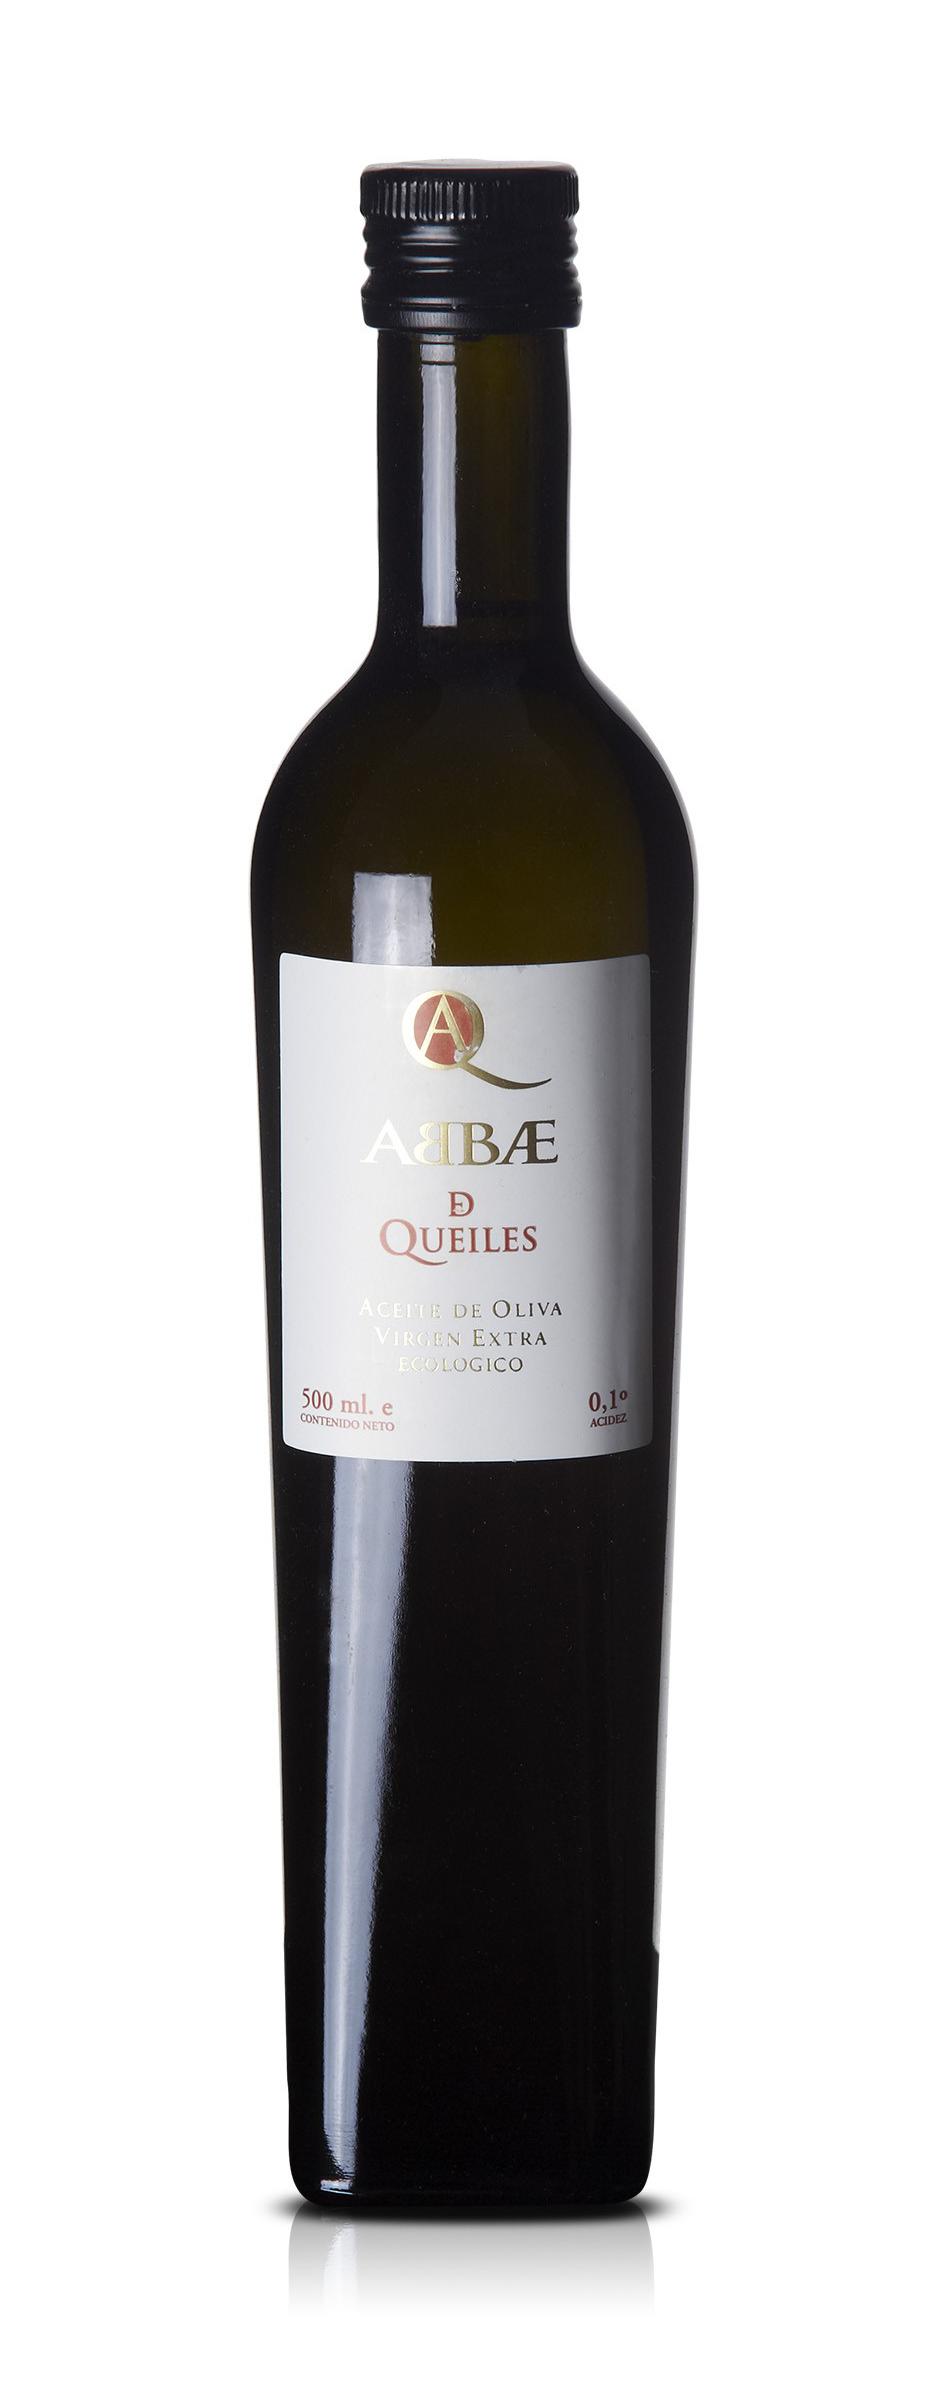 FINESSE_Olivenöl_Spezial_abbae-de-queiles_spanien